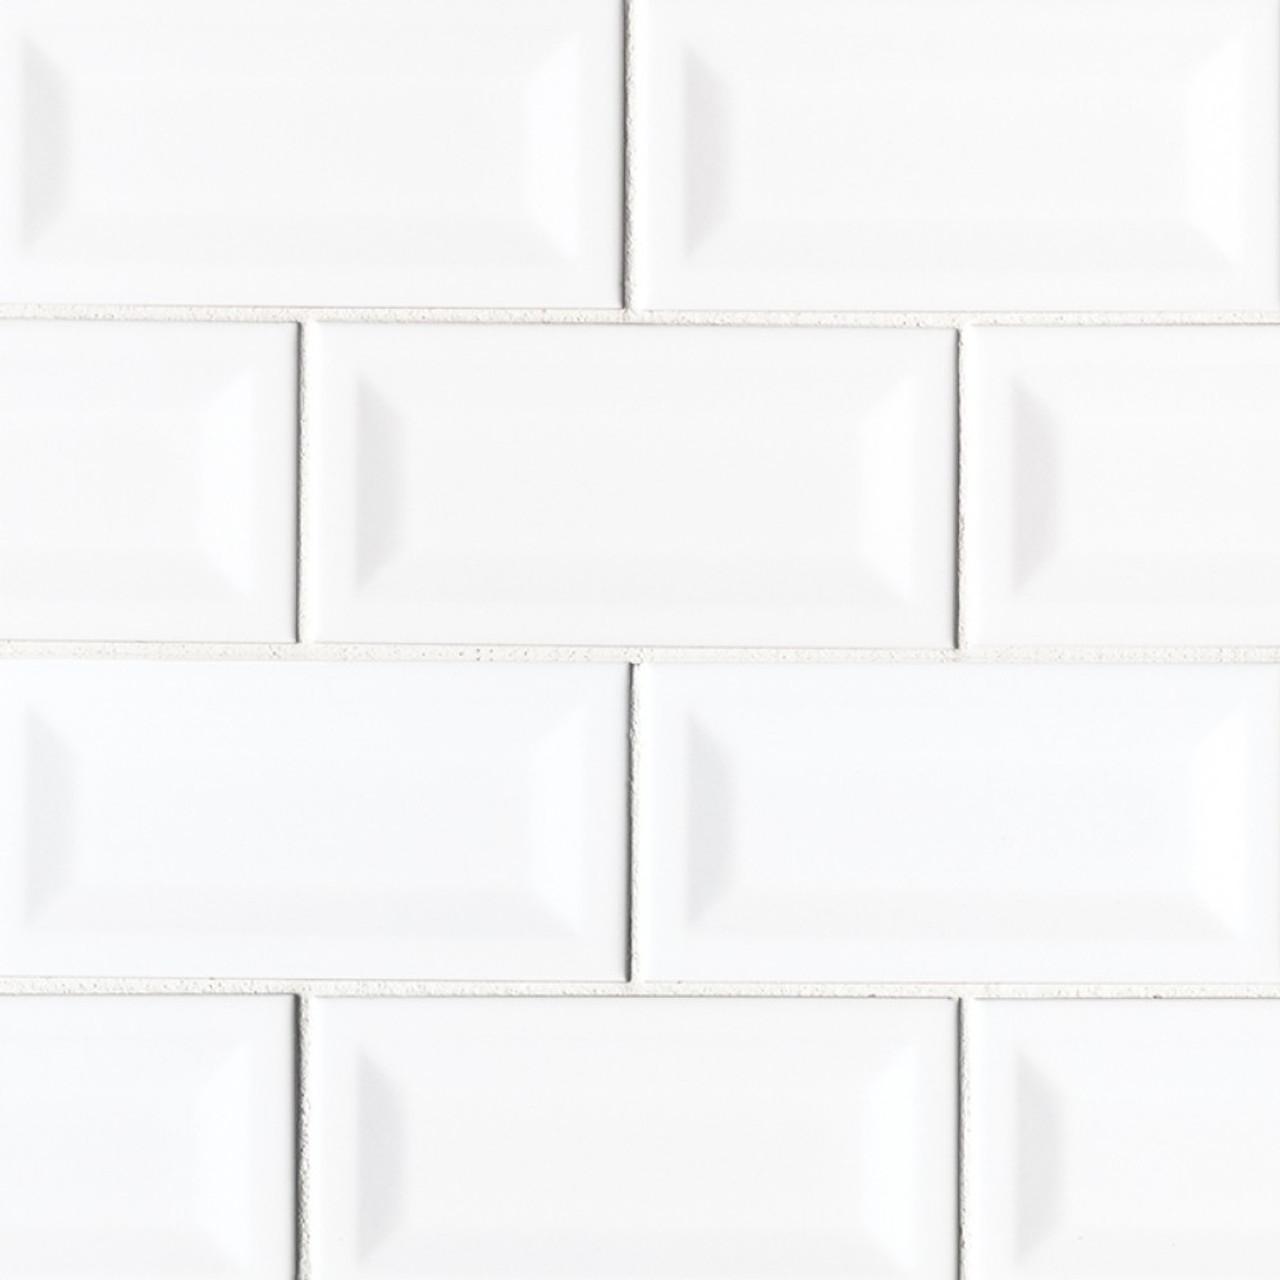 ms international backsplash series white glossy 3x6 inverted beveled subway tile nwhiglo3x6invbev